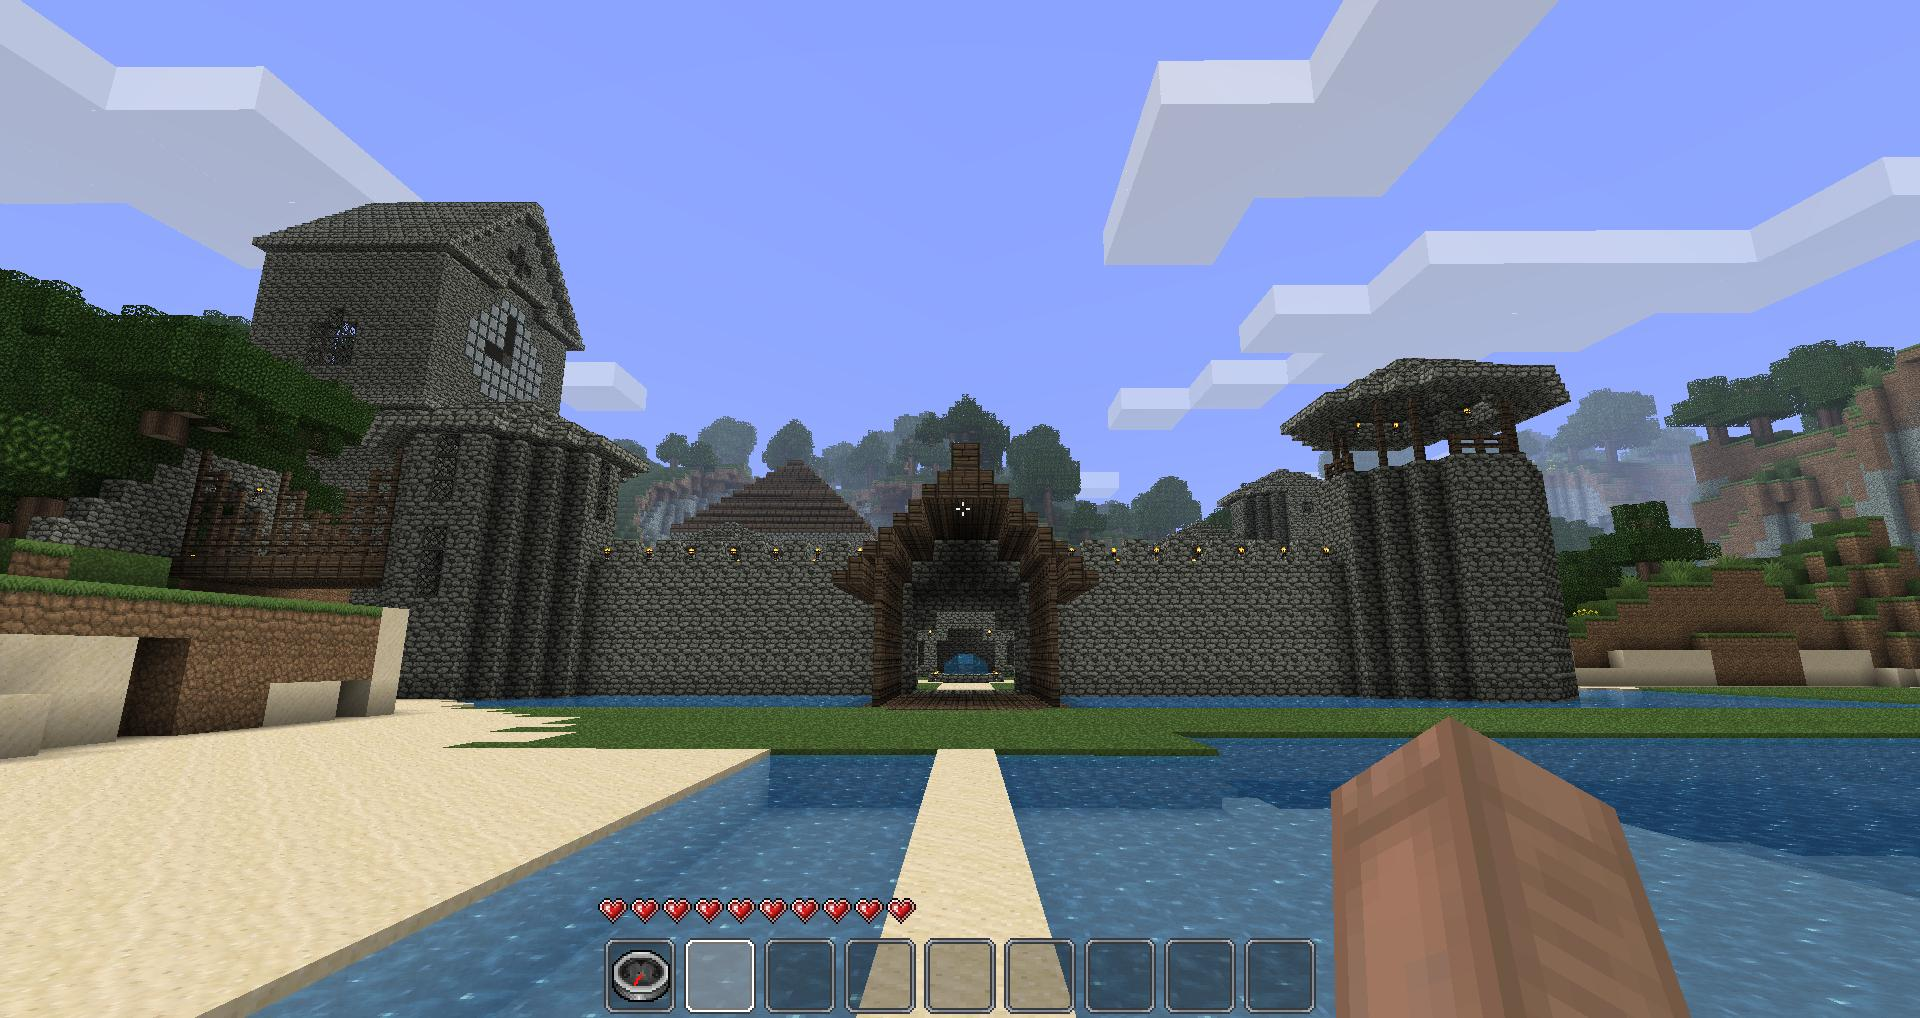 Map chateau magnifique minecraft france - Chateau de minecraft ...